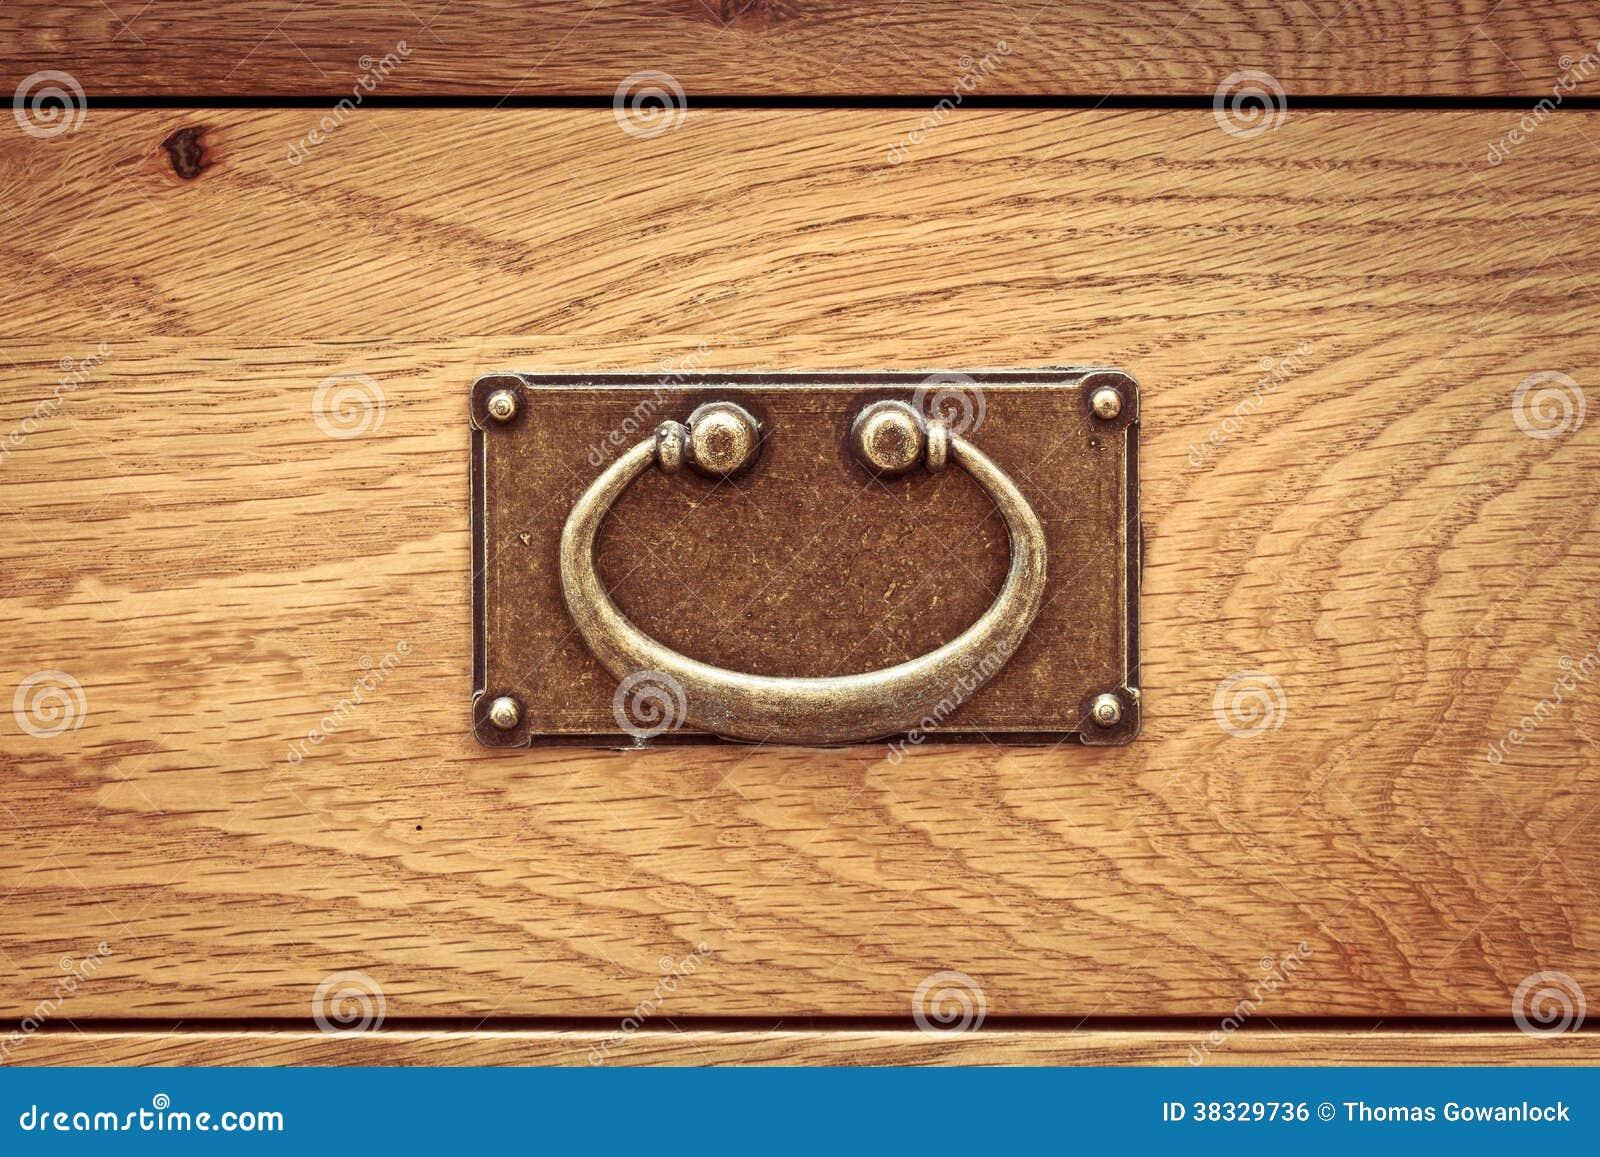 poign e de tiroir image libre de droits image 38329736. Black Bedroom Furniture Sets. Home Design Ideas